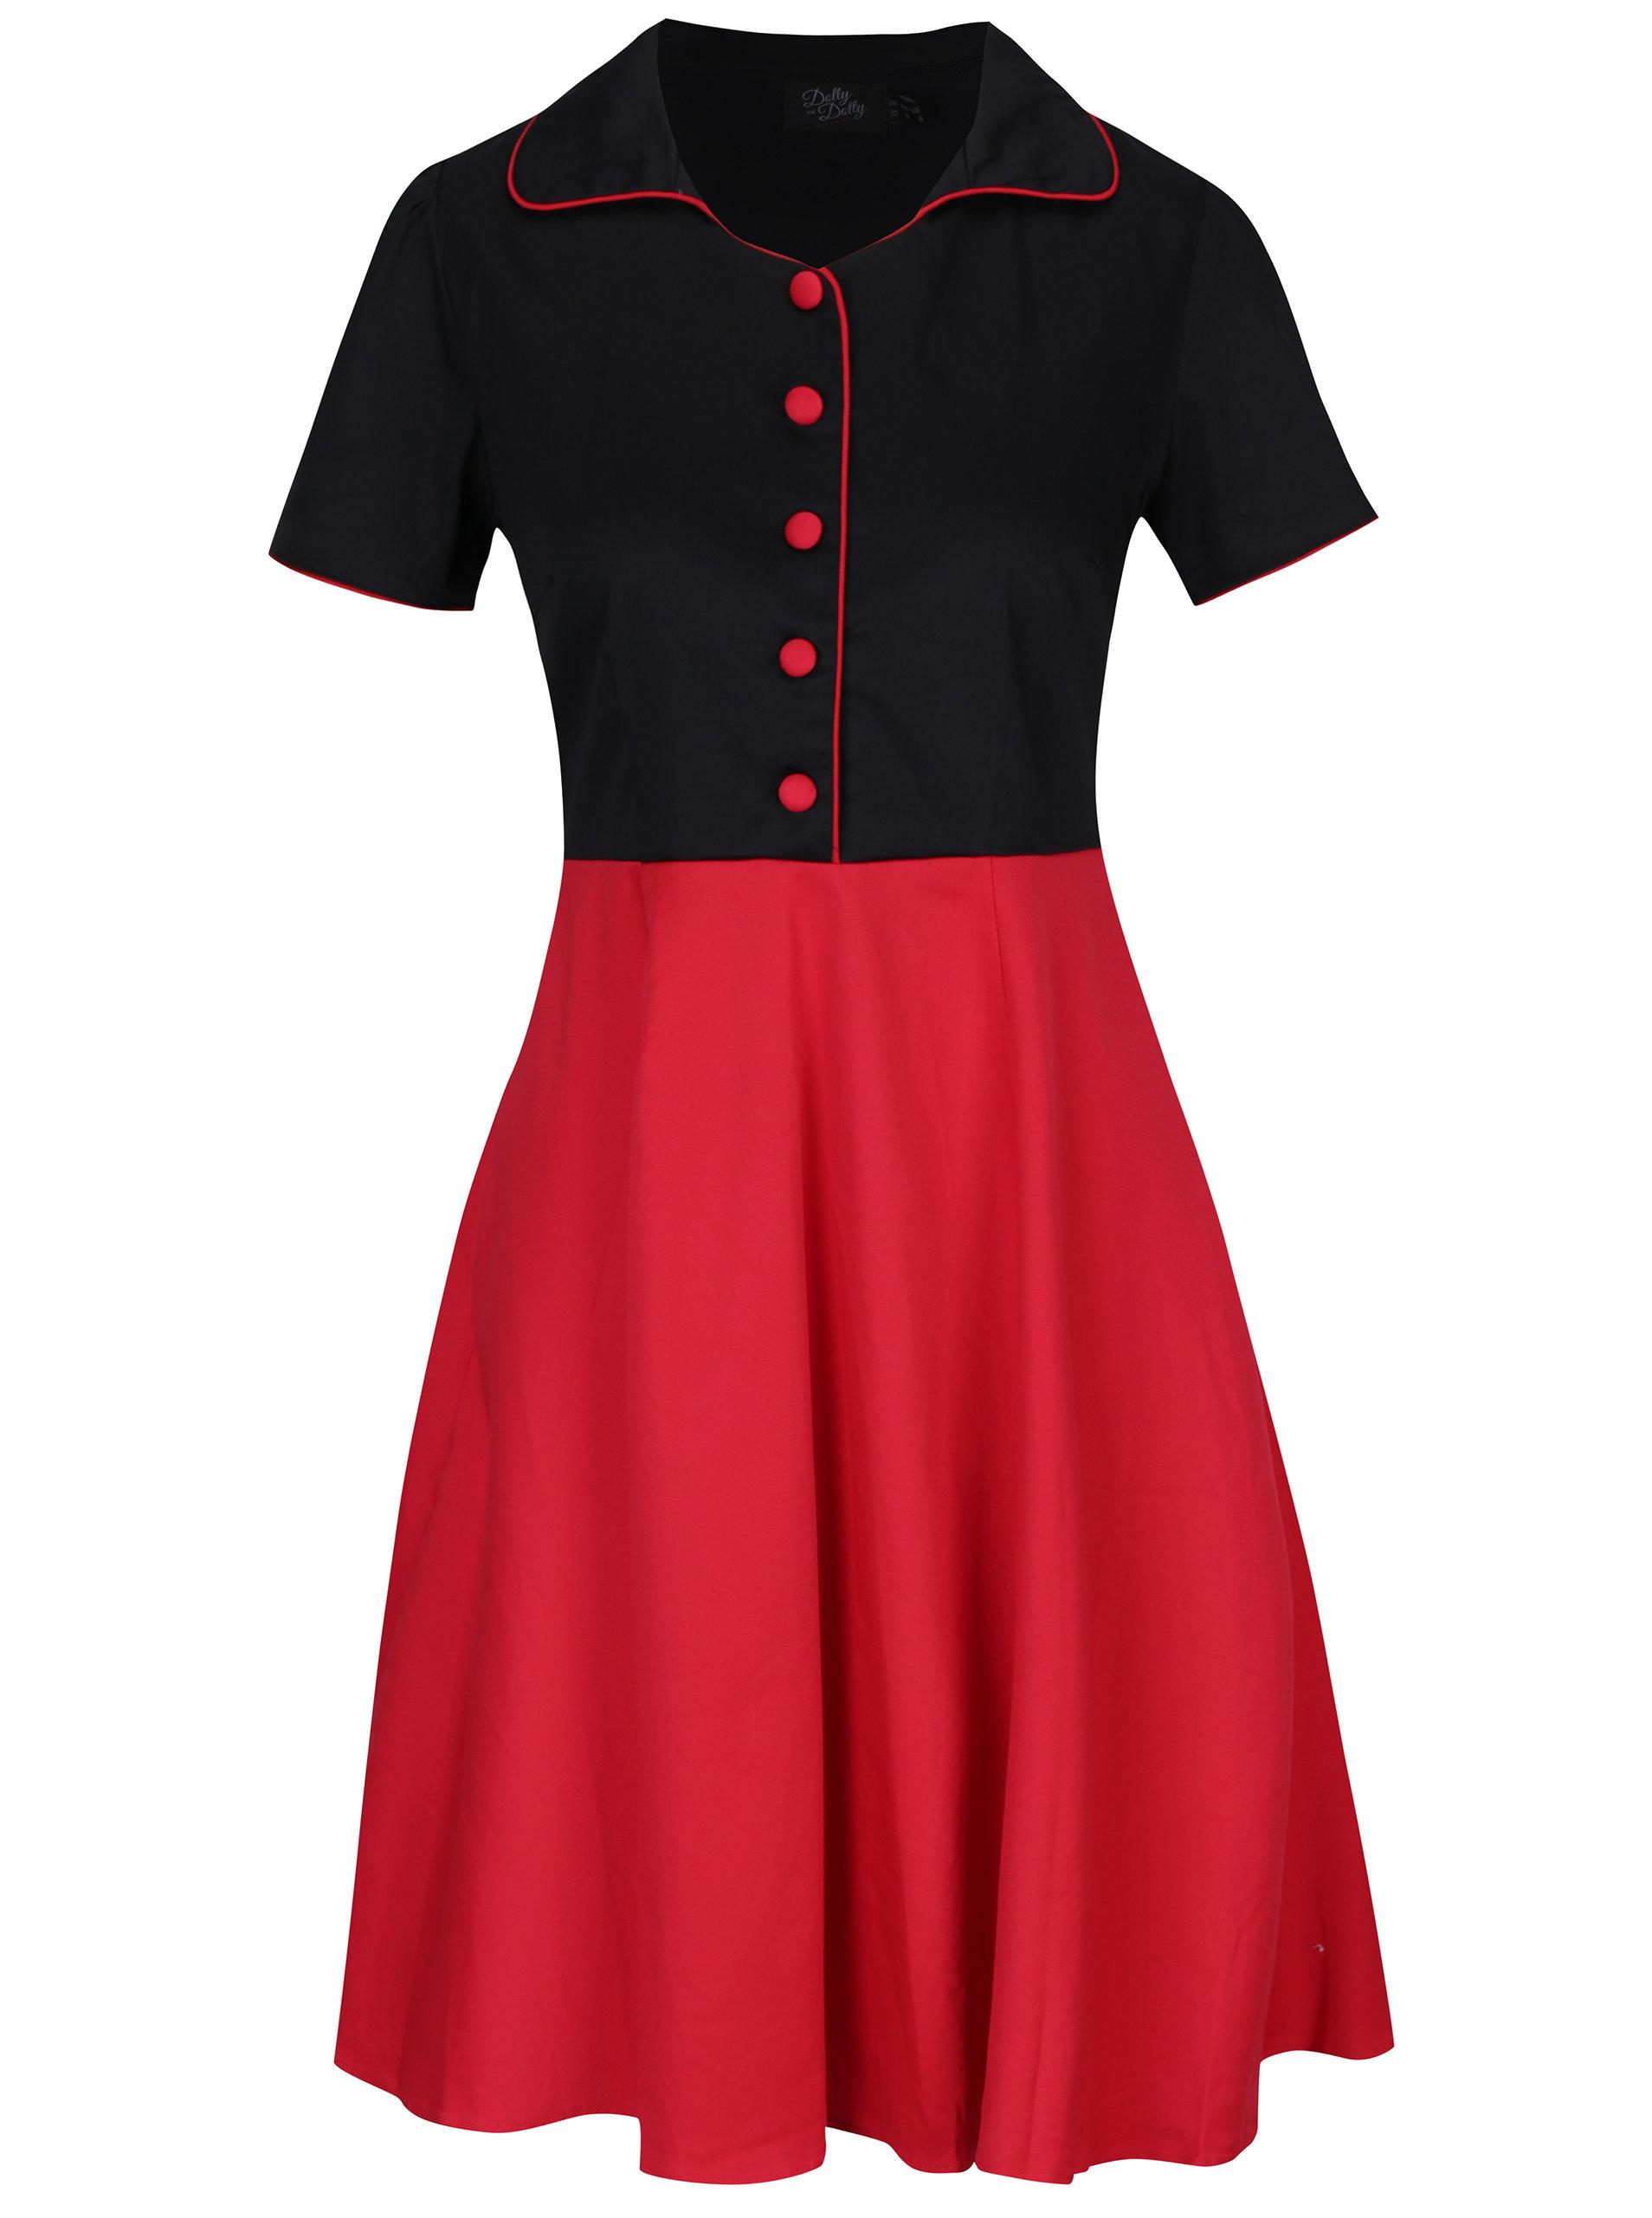 Čierno-červené šaty s gombíkmi Dolly   Dotty Penelope ... 85a5596fb6c